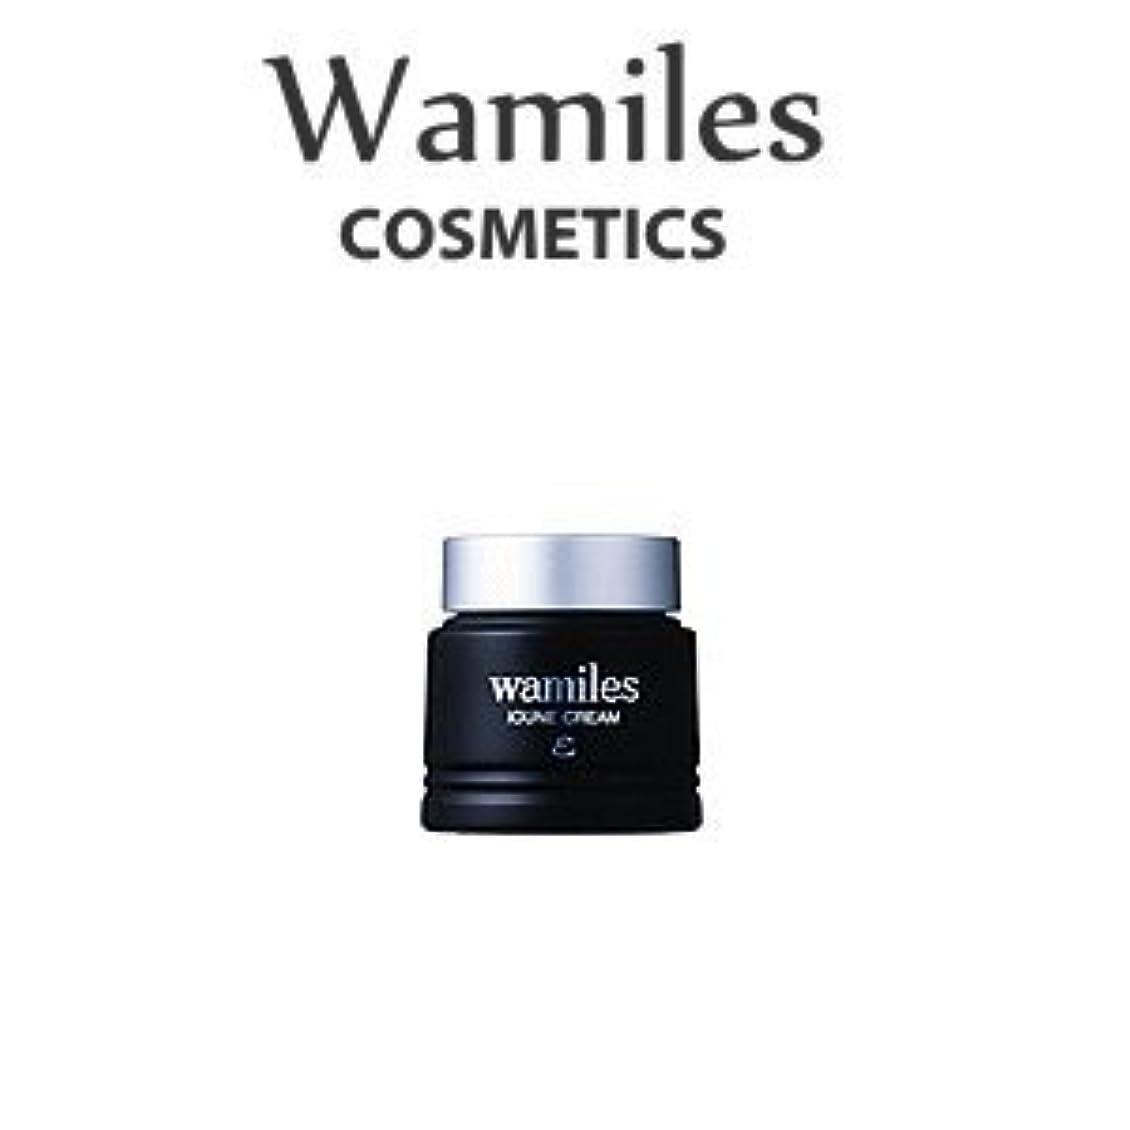 中間くま同行するwamiles/ワミレス ベーシックライン イオンヌ クリーム 53g 美容 保湿